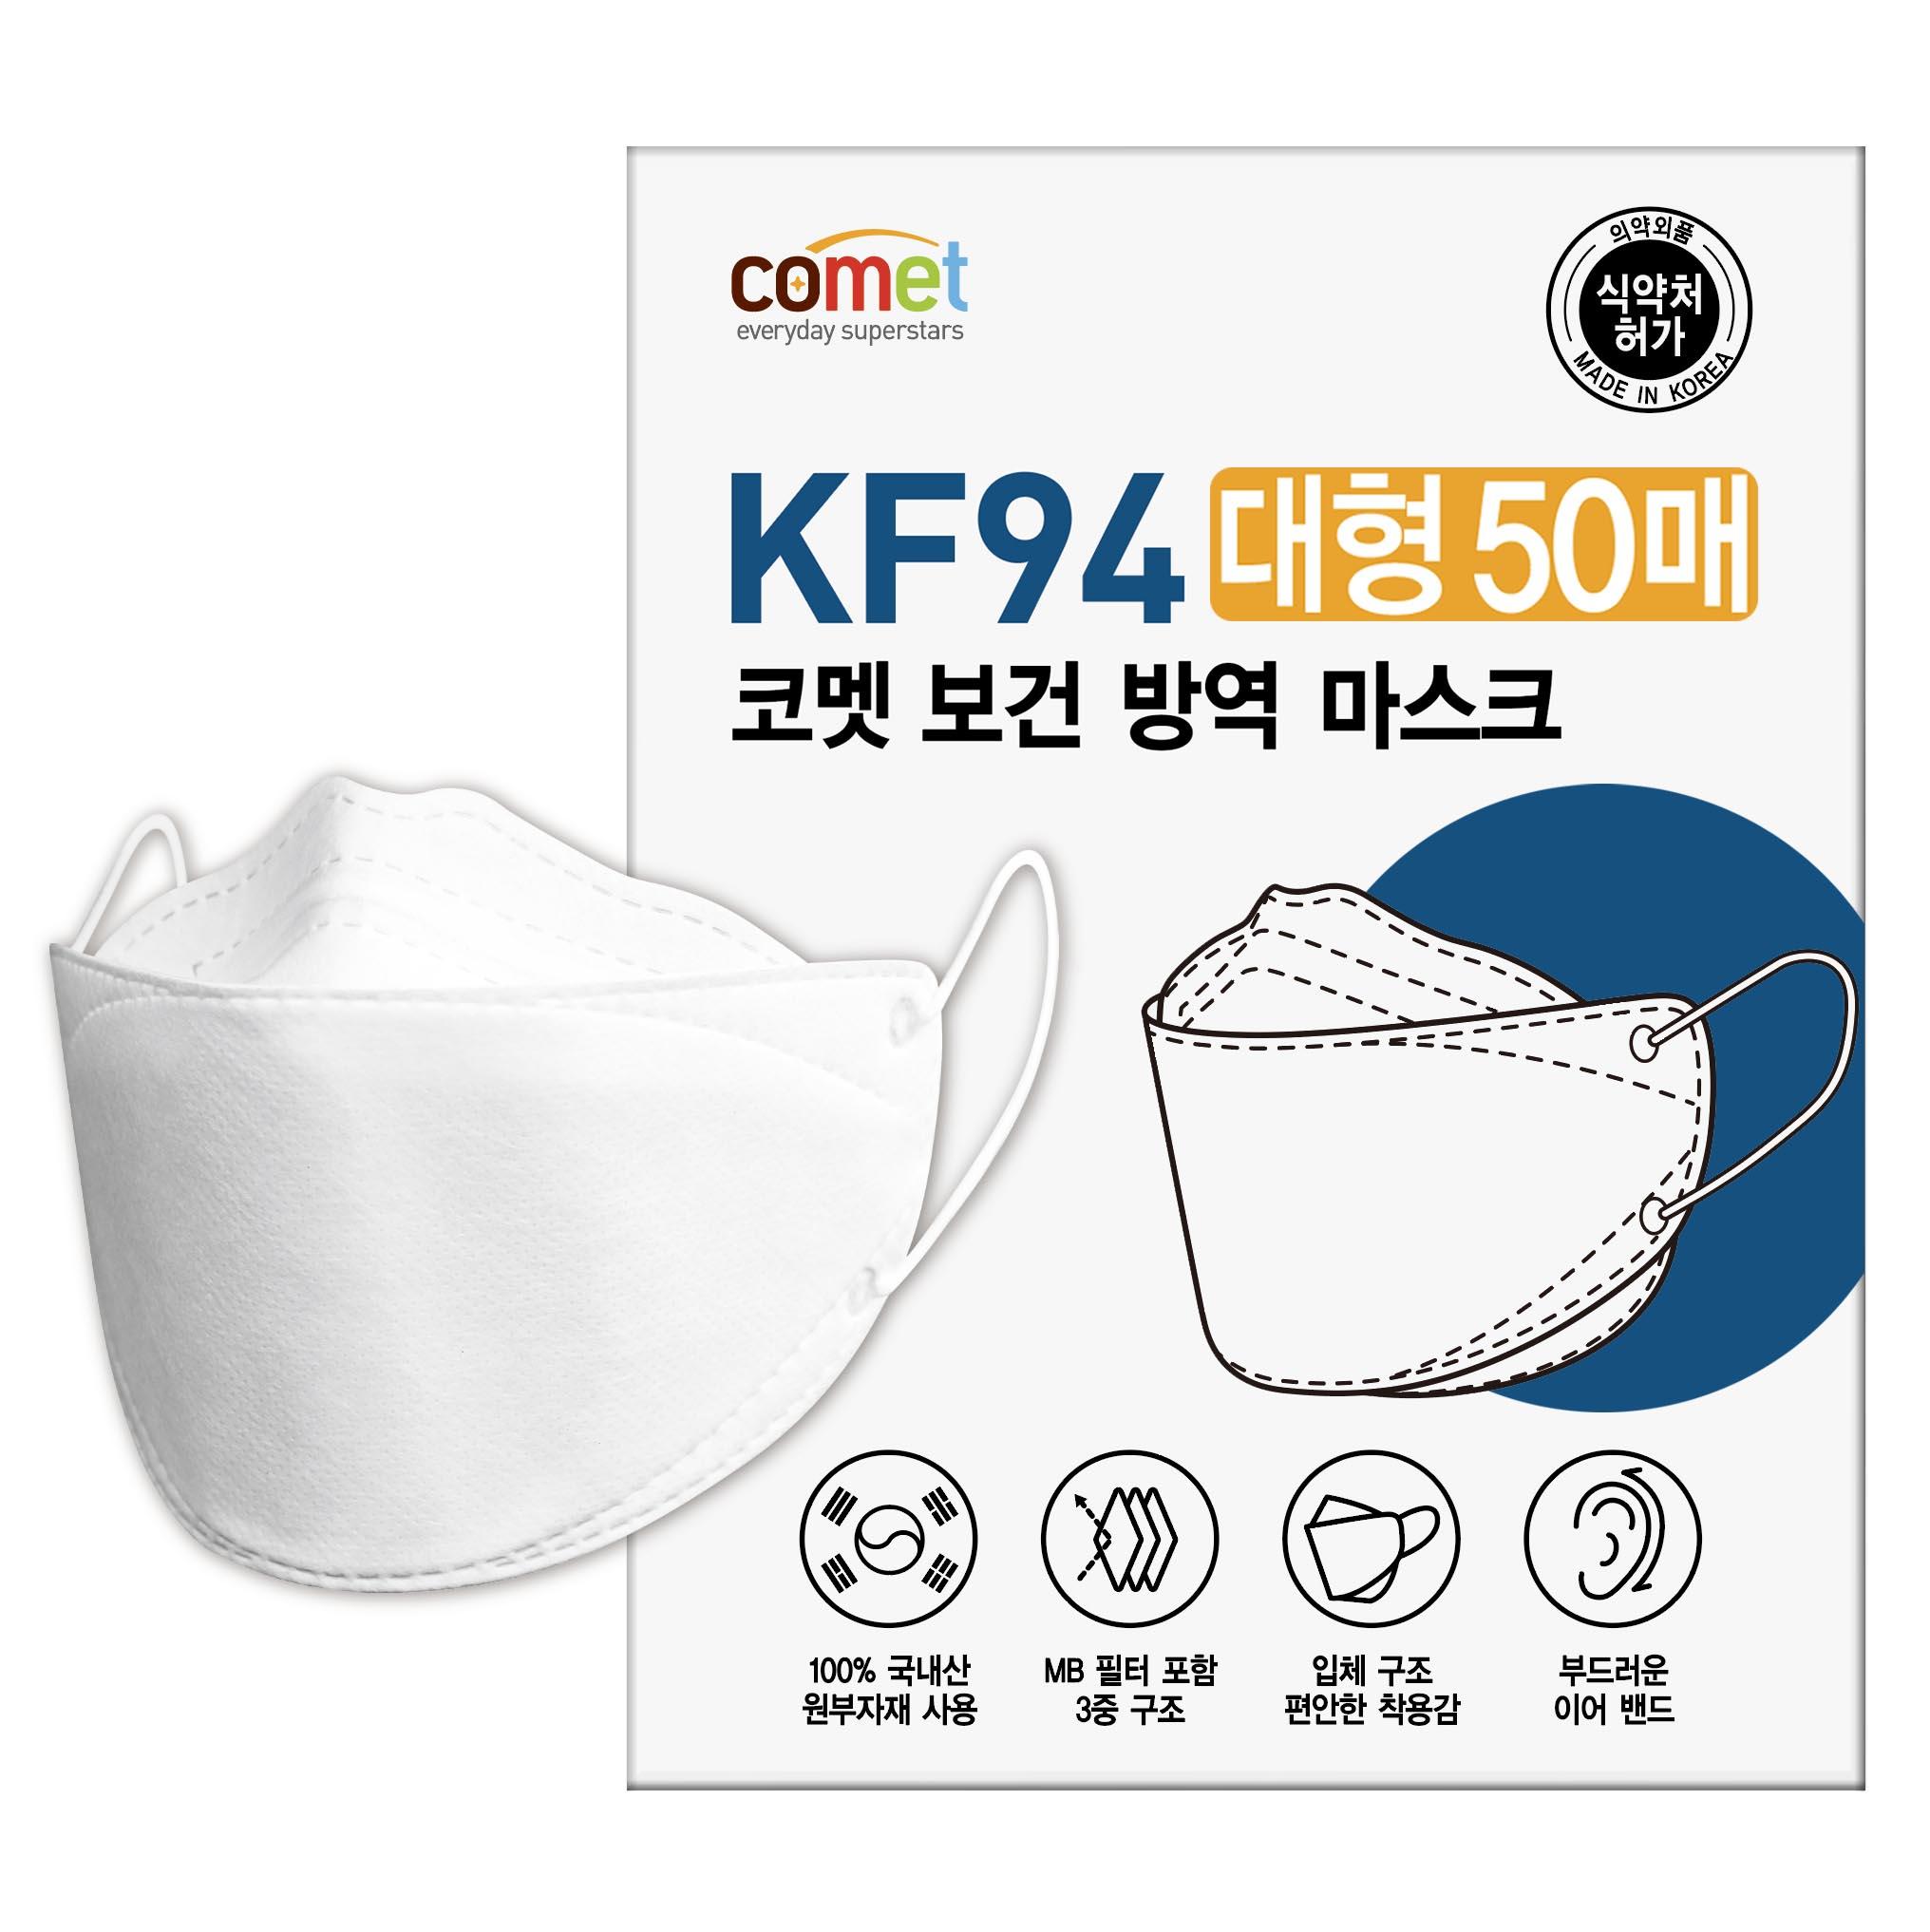 코멧 보건방역마스크 KF94 대형 컴포트핏 (개별포장), 50매, 1개